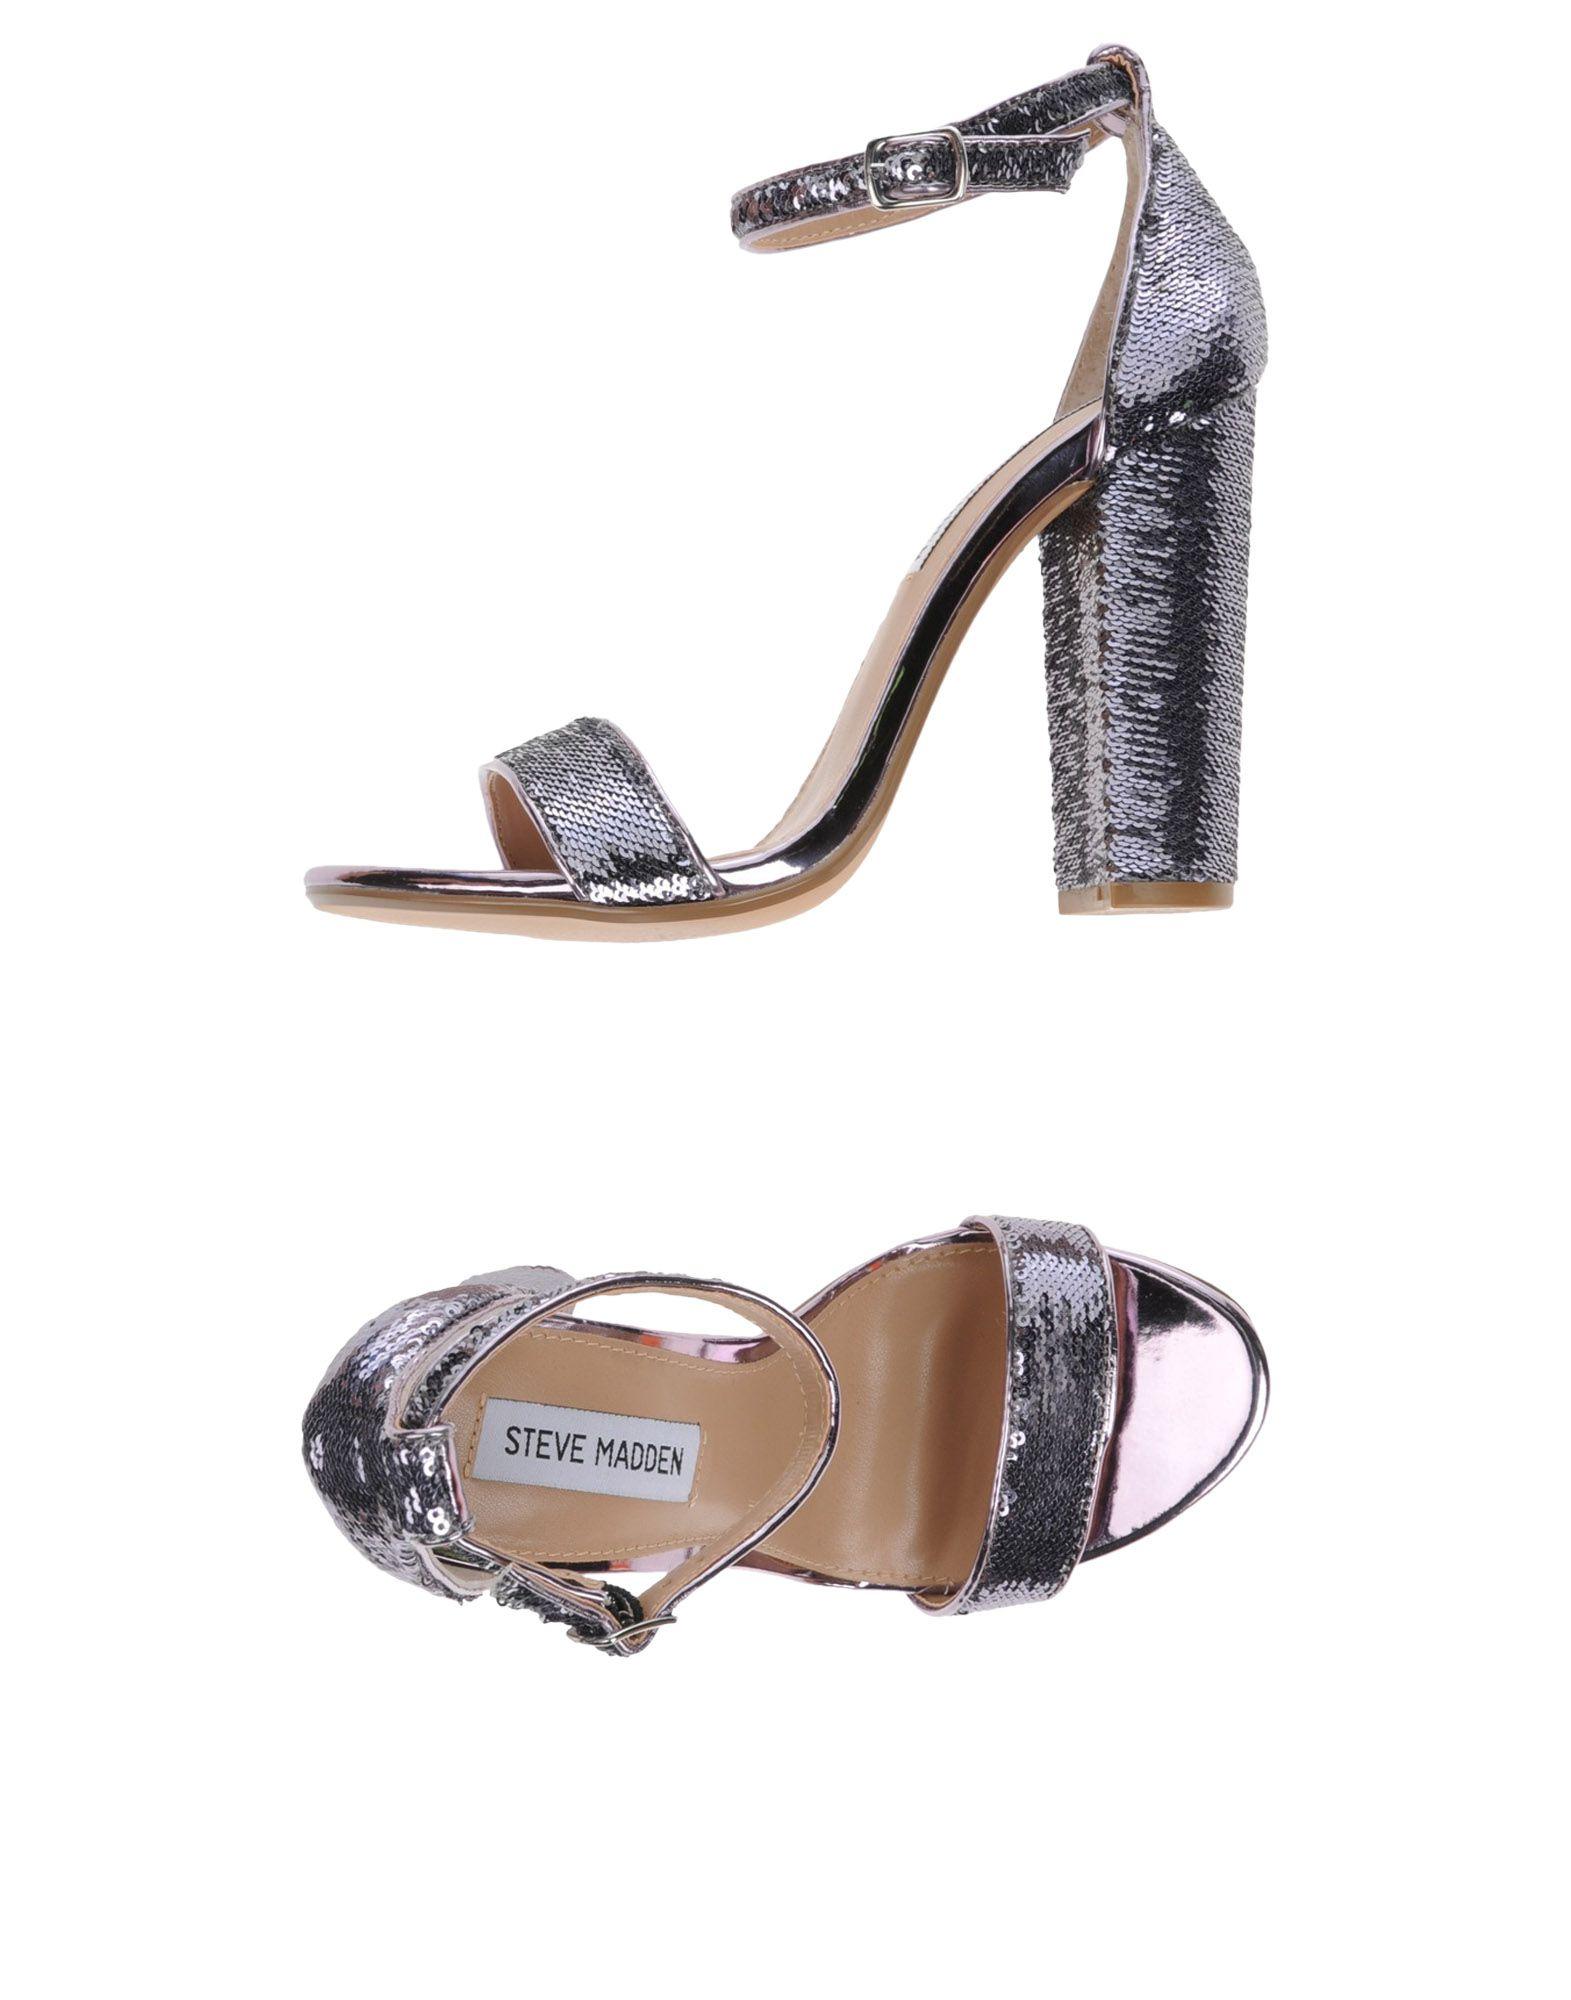 78dcb5da6e6 Steve Madden Sandals - Women Steve Madden Sandals online on YOOX Netherlands  - 11355007ET